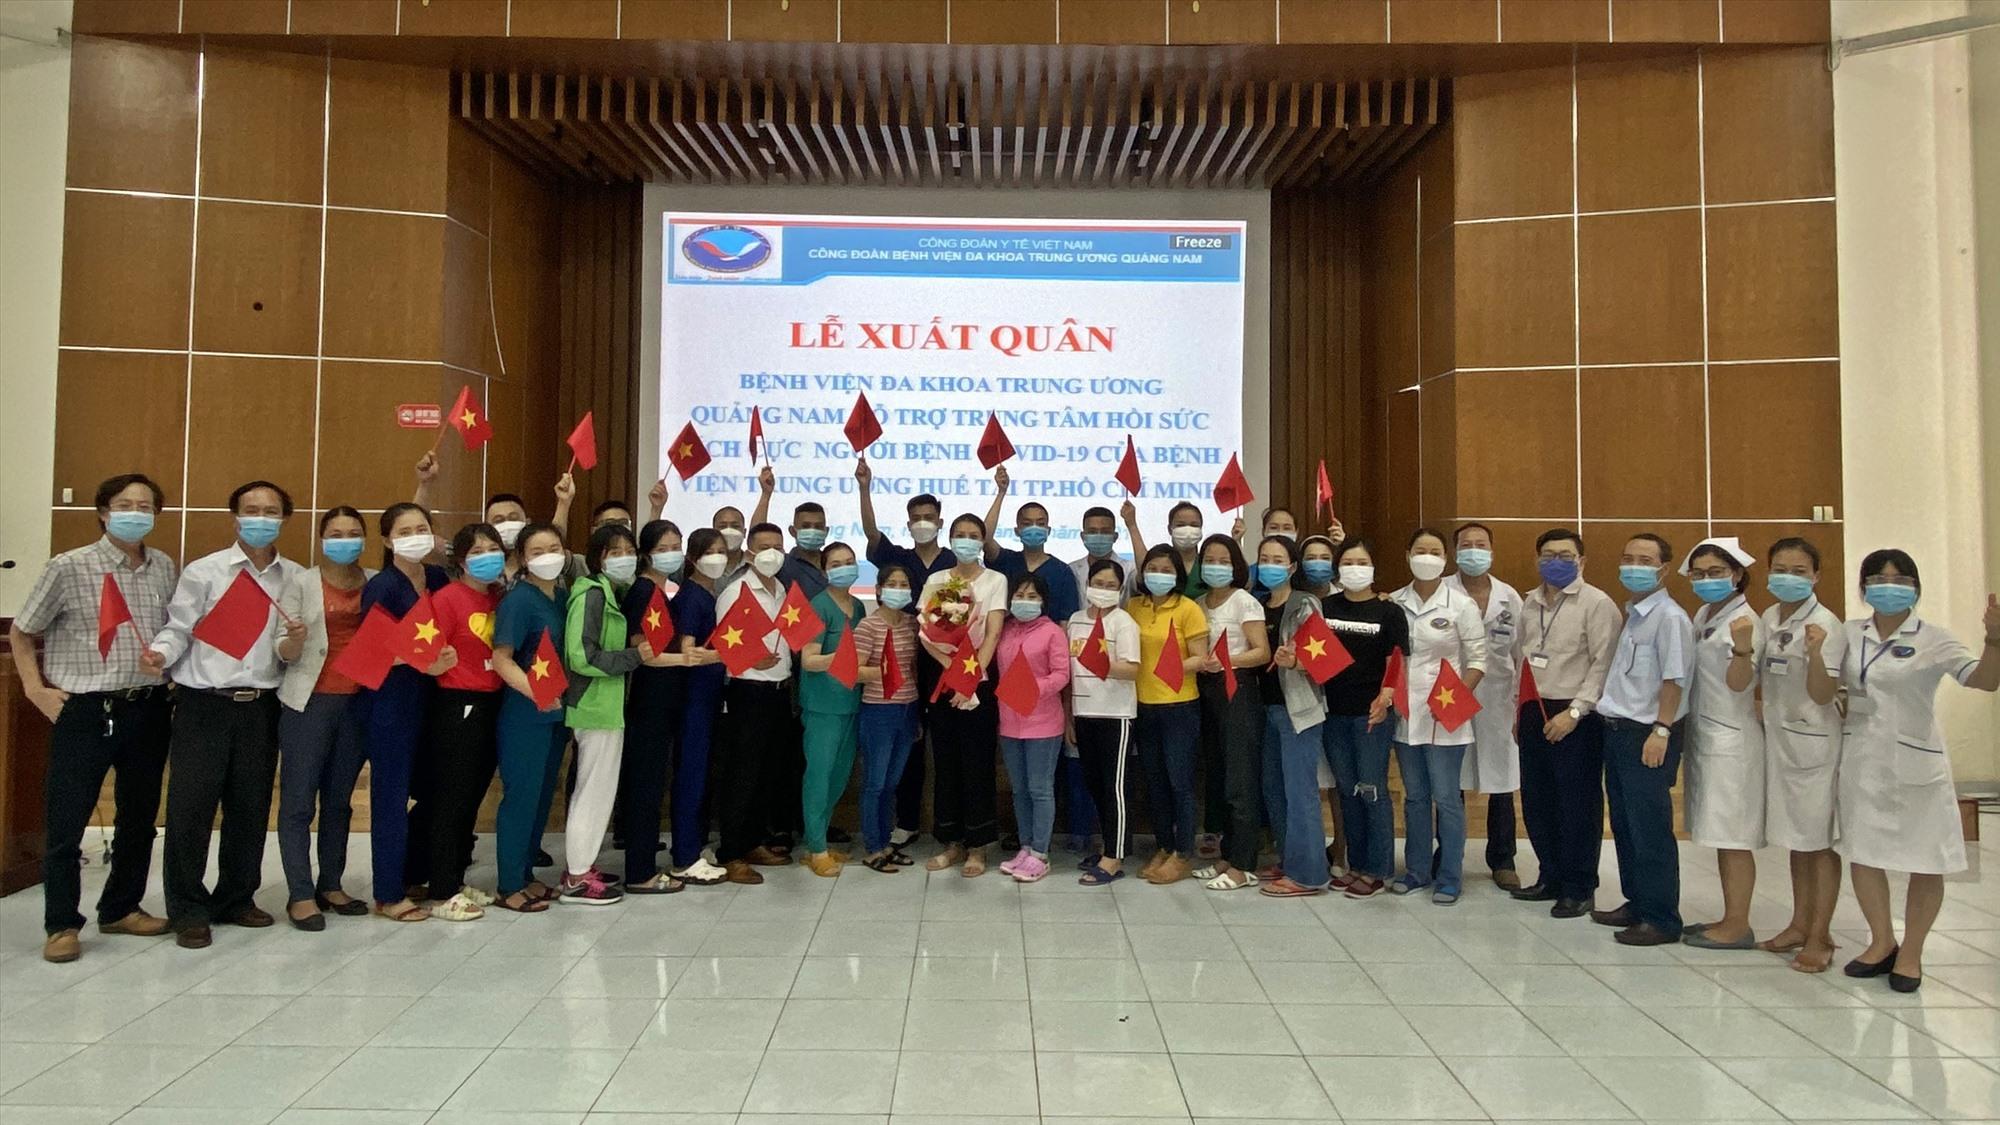 Sẽ có 29 bác sĩ, điều dưỡng hỗ trợ TP.Hồ Chí Minh trong đợt đi thứ 3. Ảnh: H.Đ